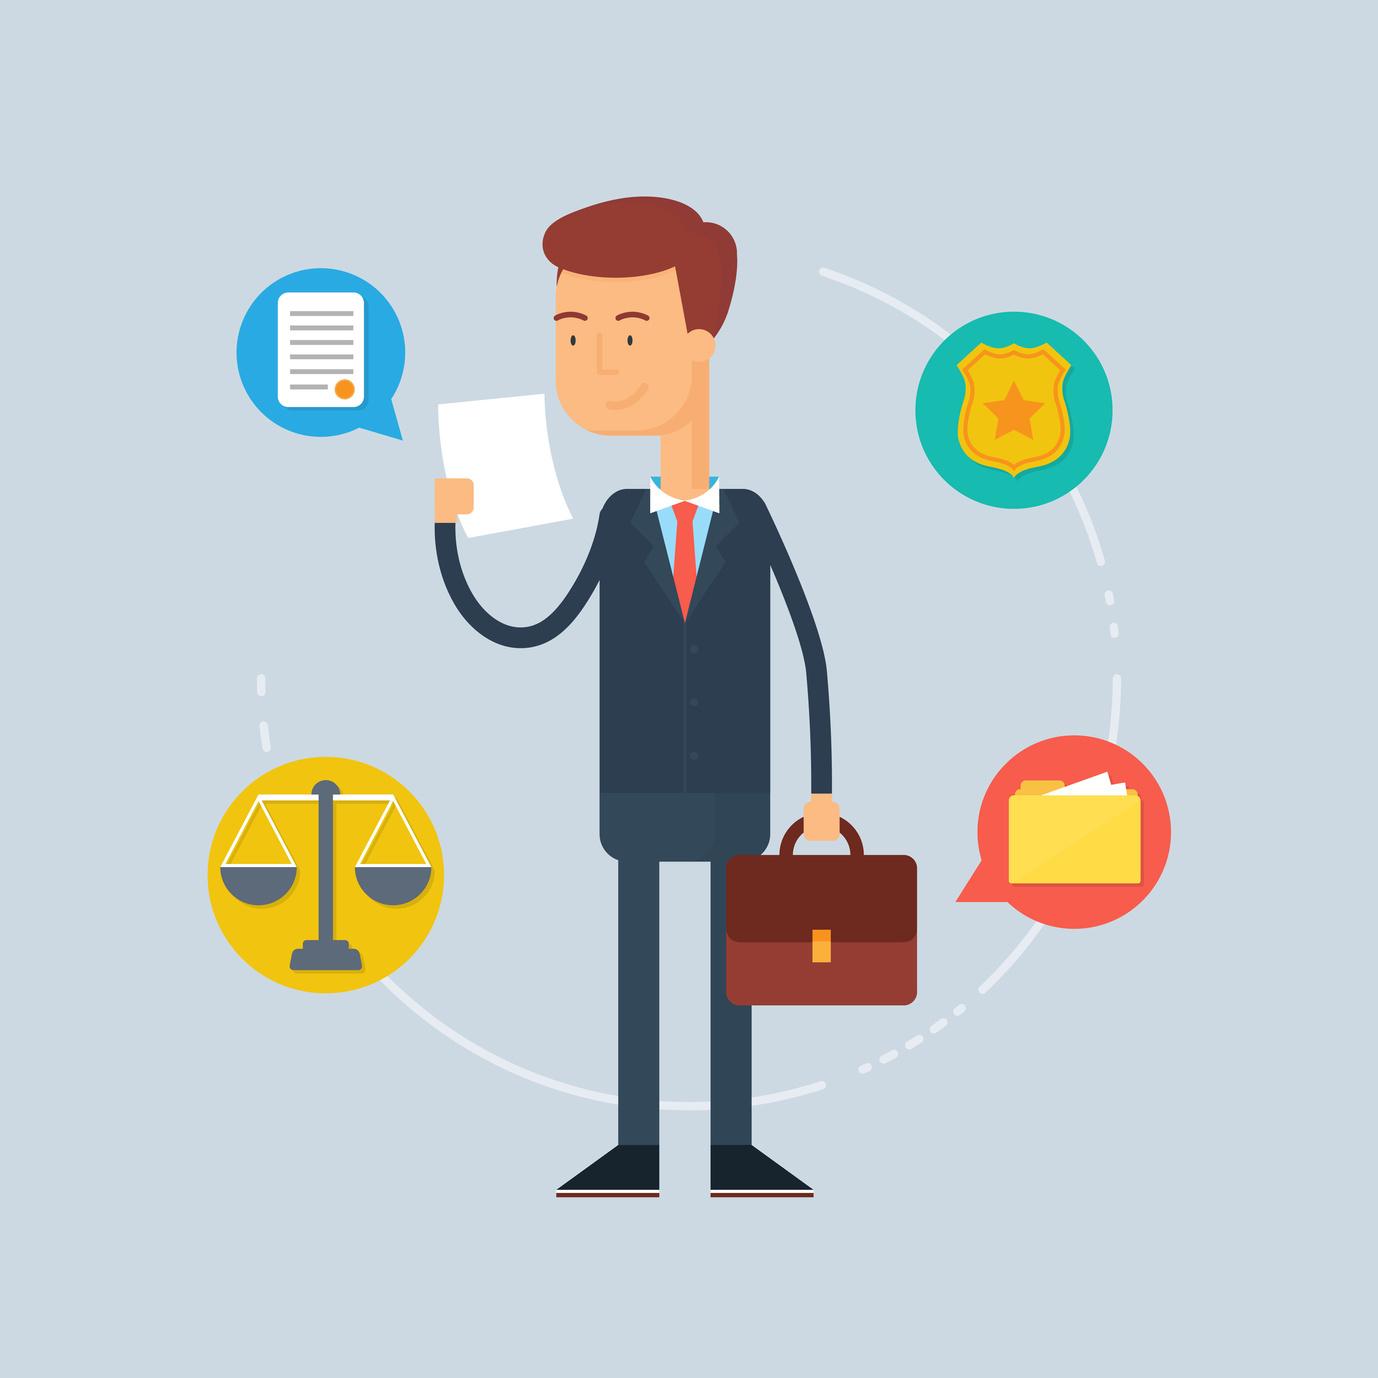 Nouveau règlement européen sur la protection des données personnelles : anticiper les 3 impacts majeurs